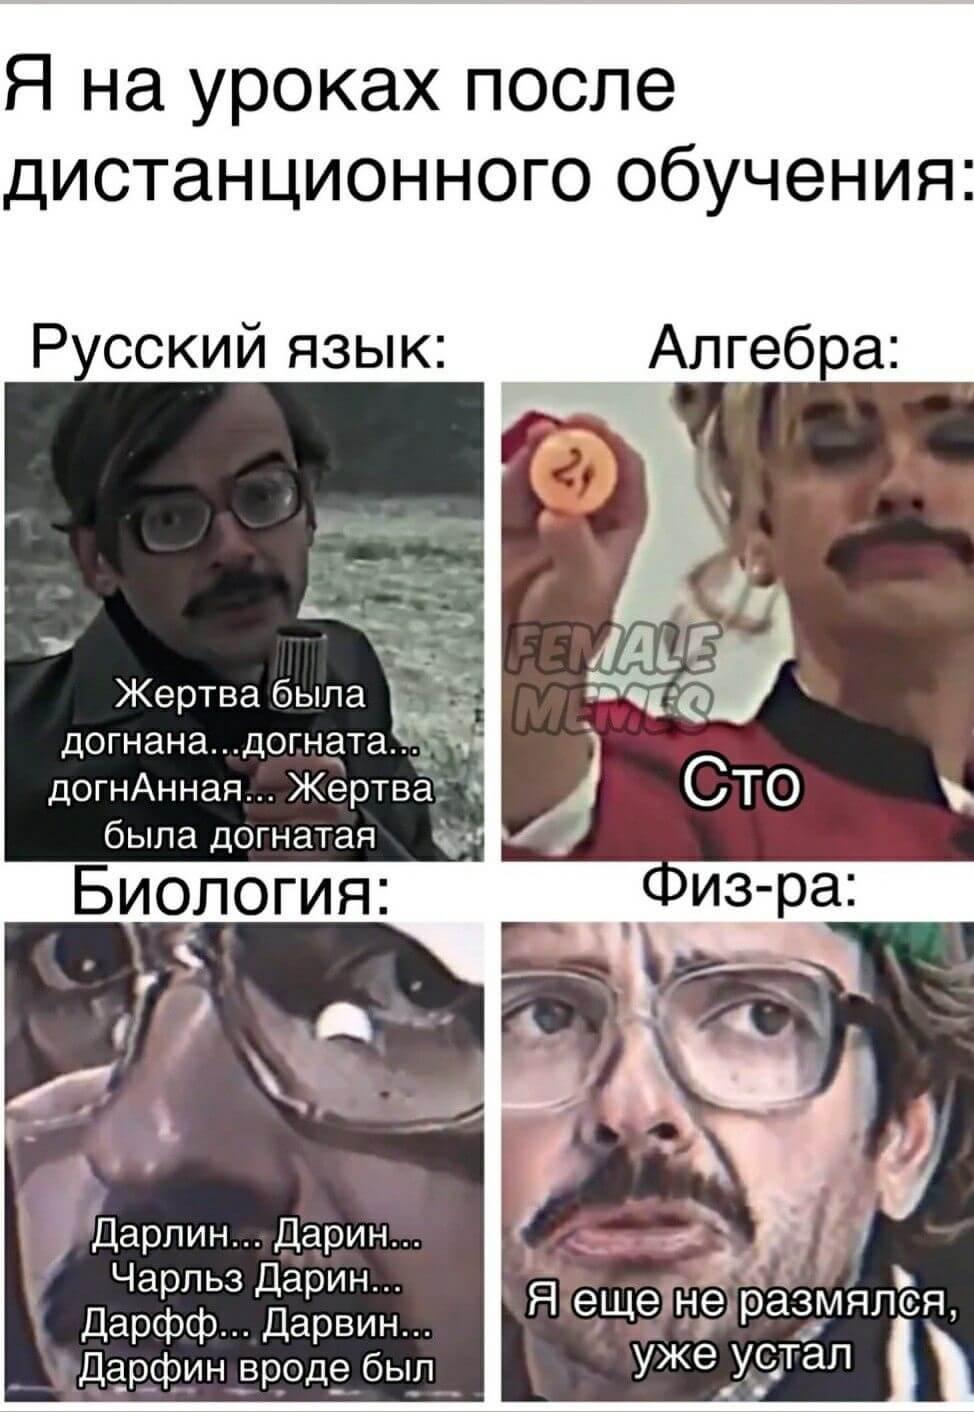 Ржачные аниме мемы на русском про школу и уроки 19